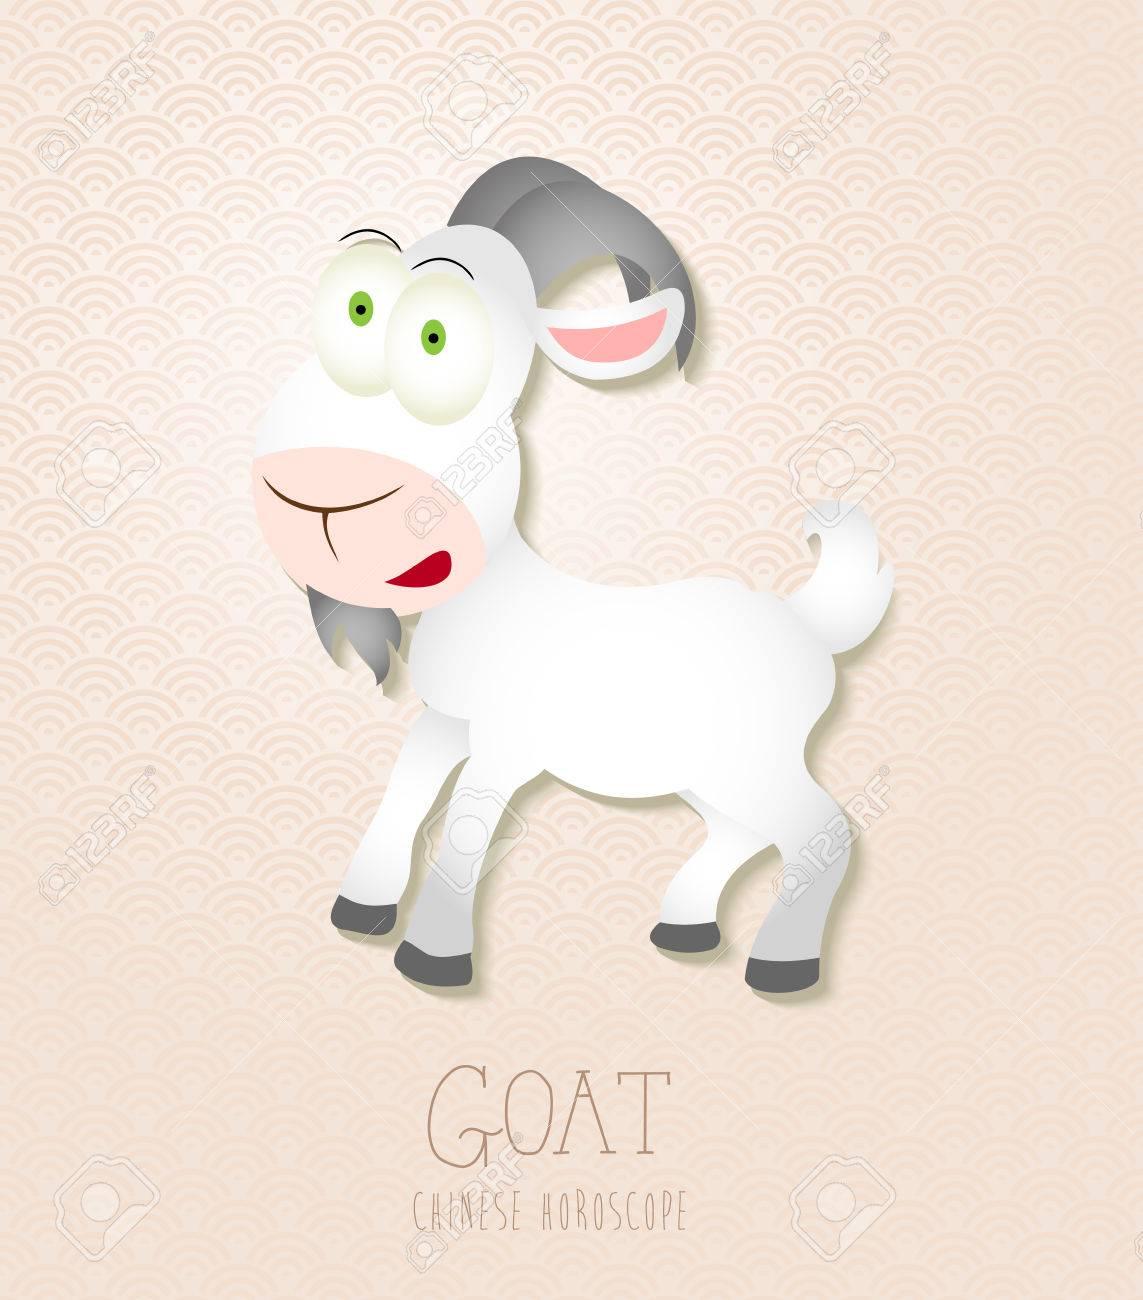 Cartoon Goat Wallpaper Funny Goat Cartoon Images